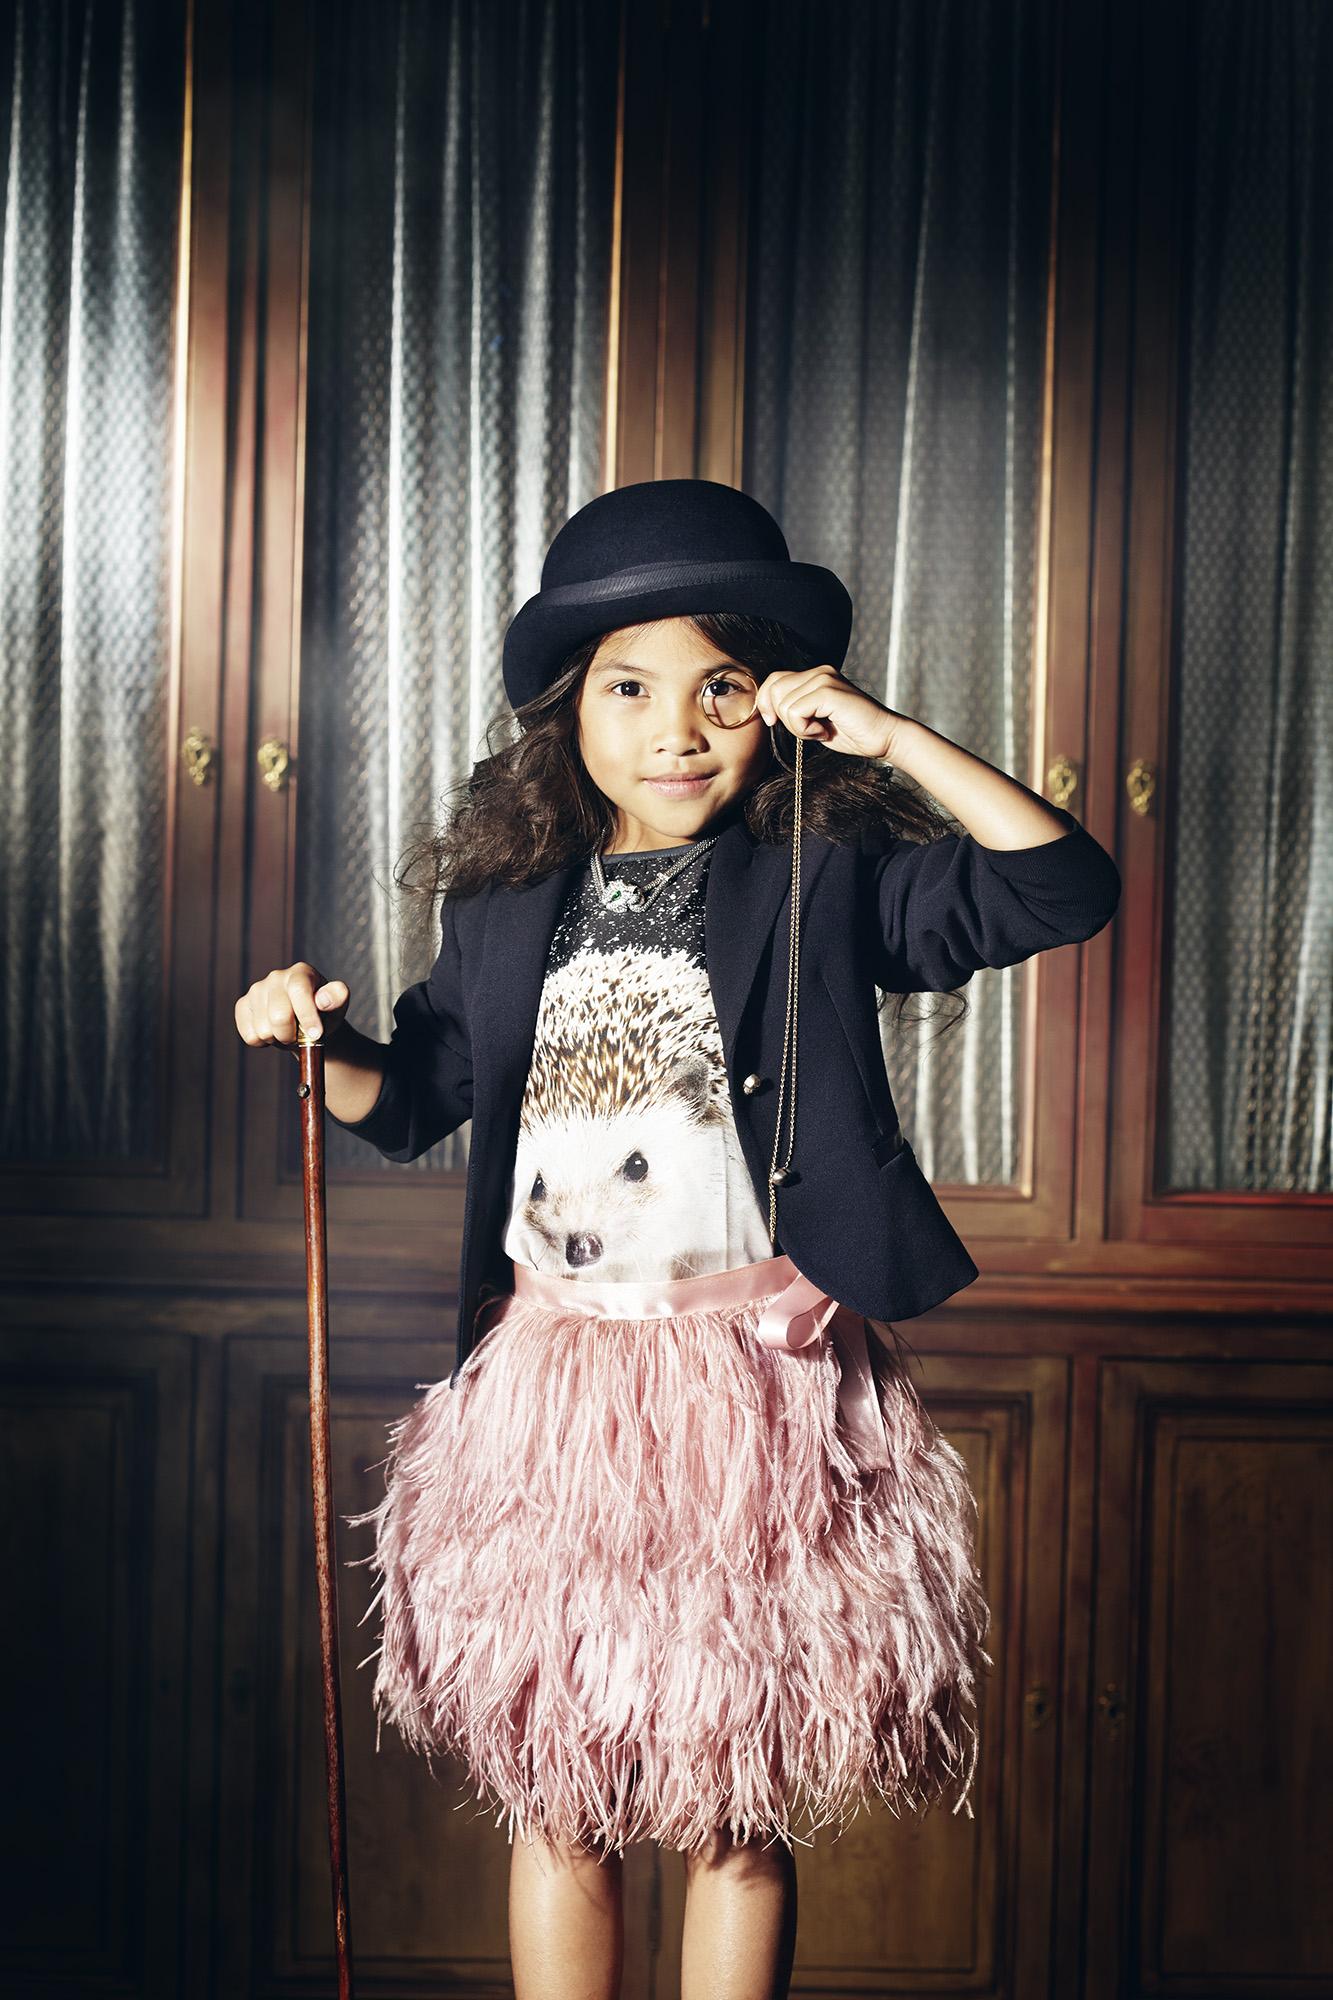 Ilve Little - girl in bowler hat